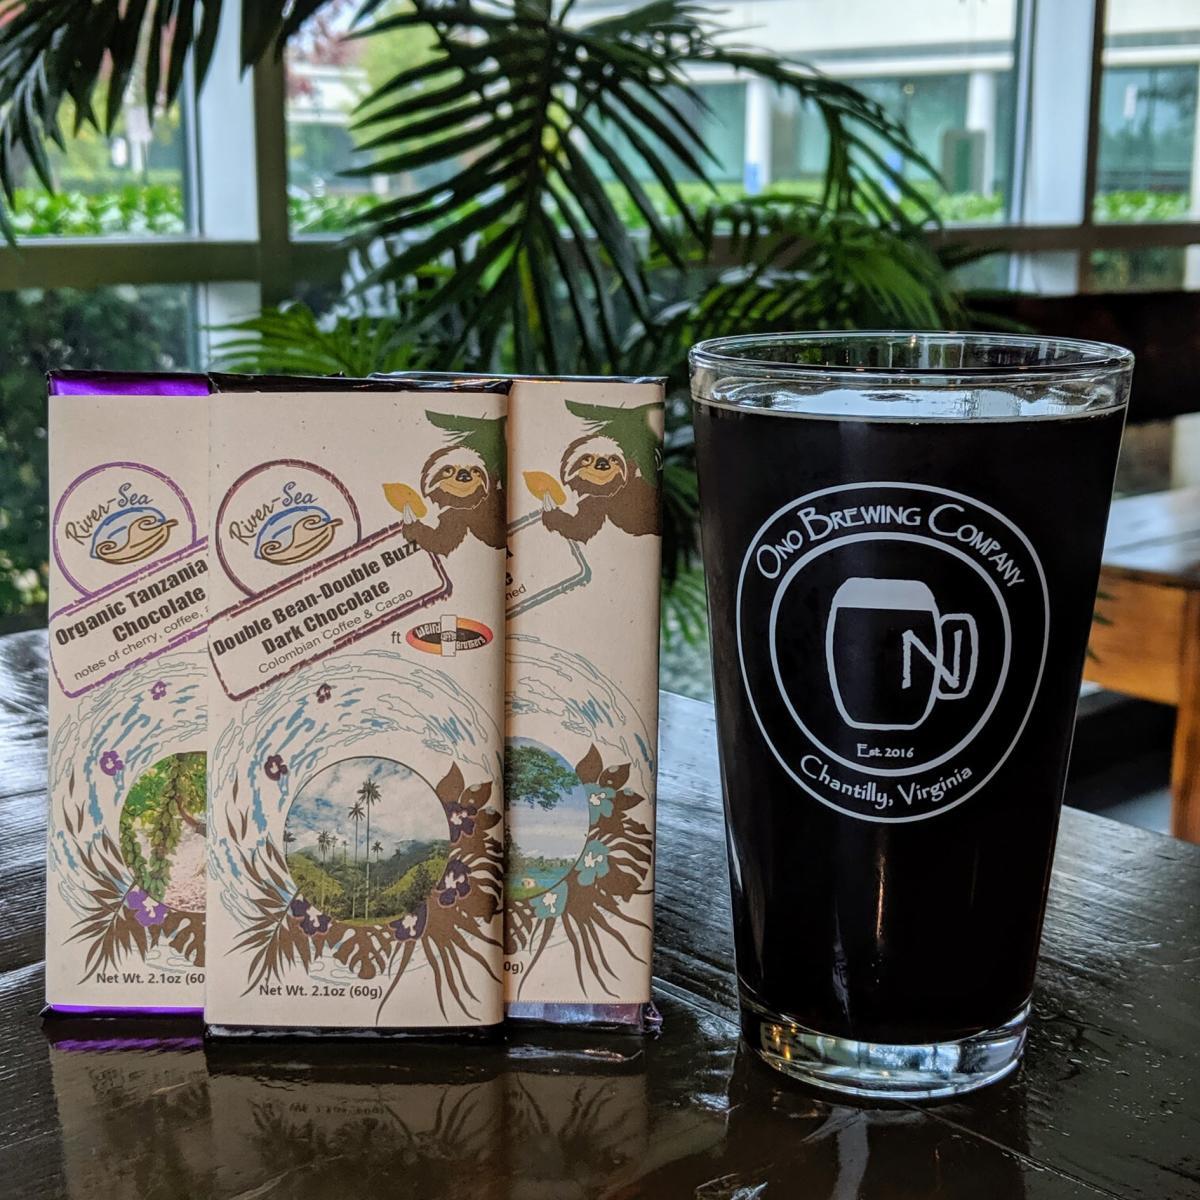 Ono Brewing Co. - Yuhu Chocolate Stout